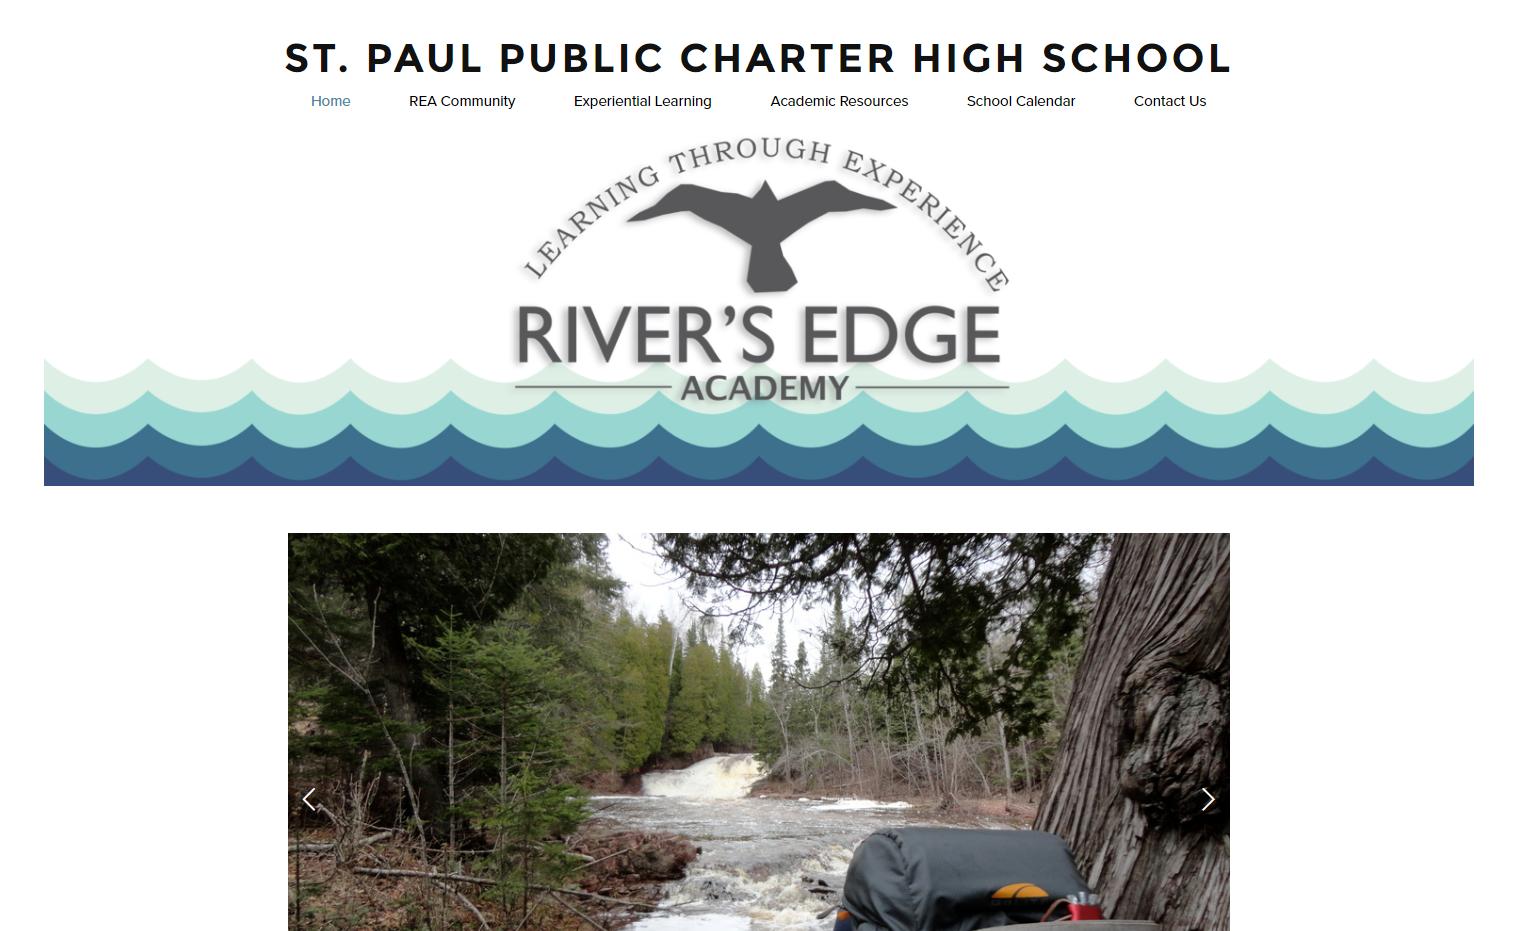 School : River's Edge Academy